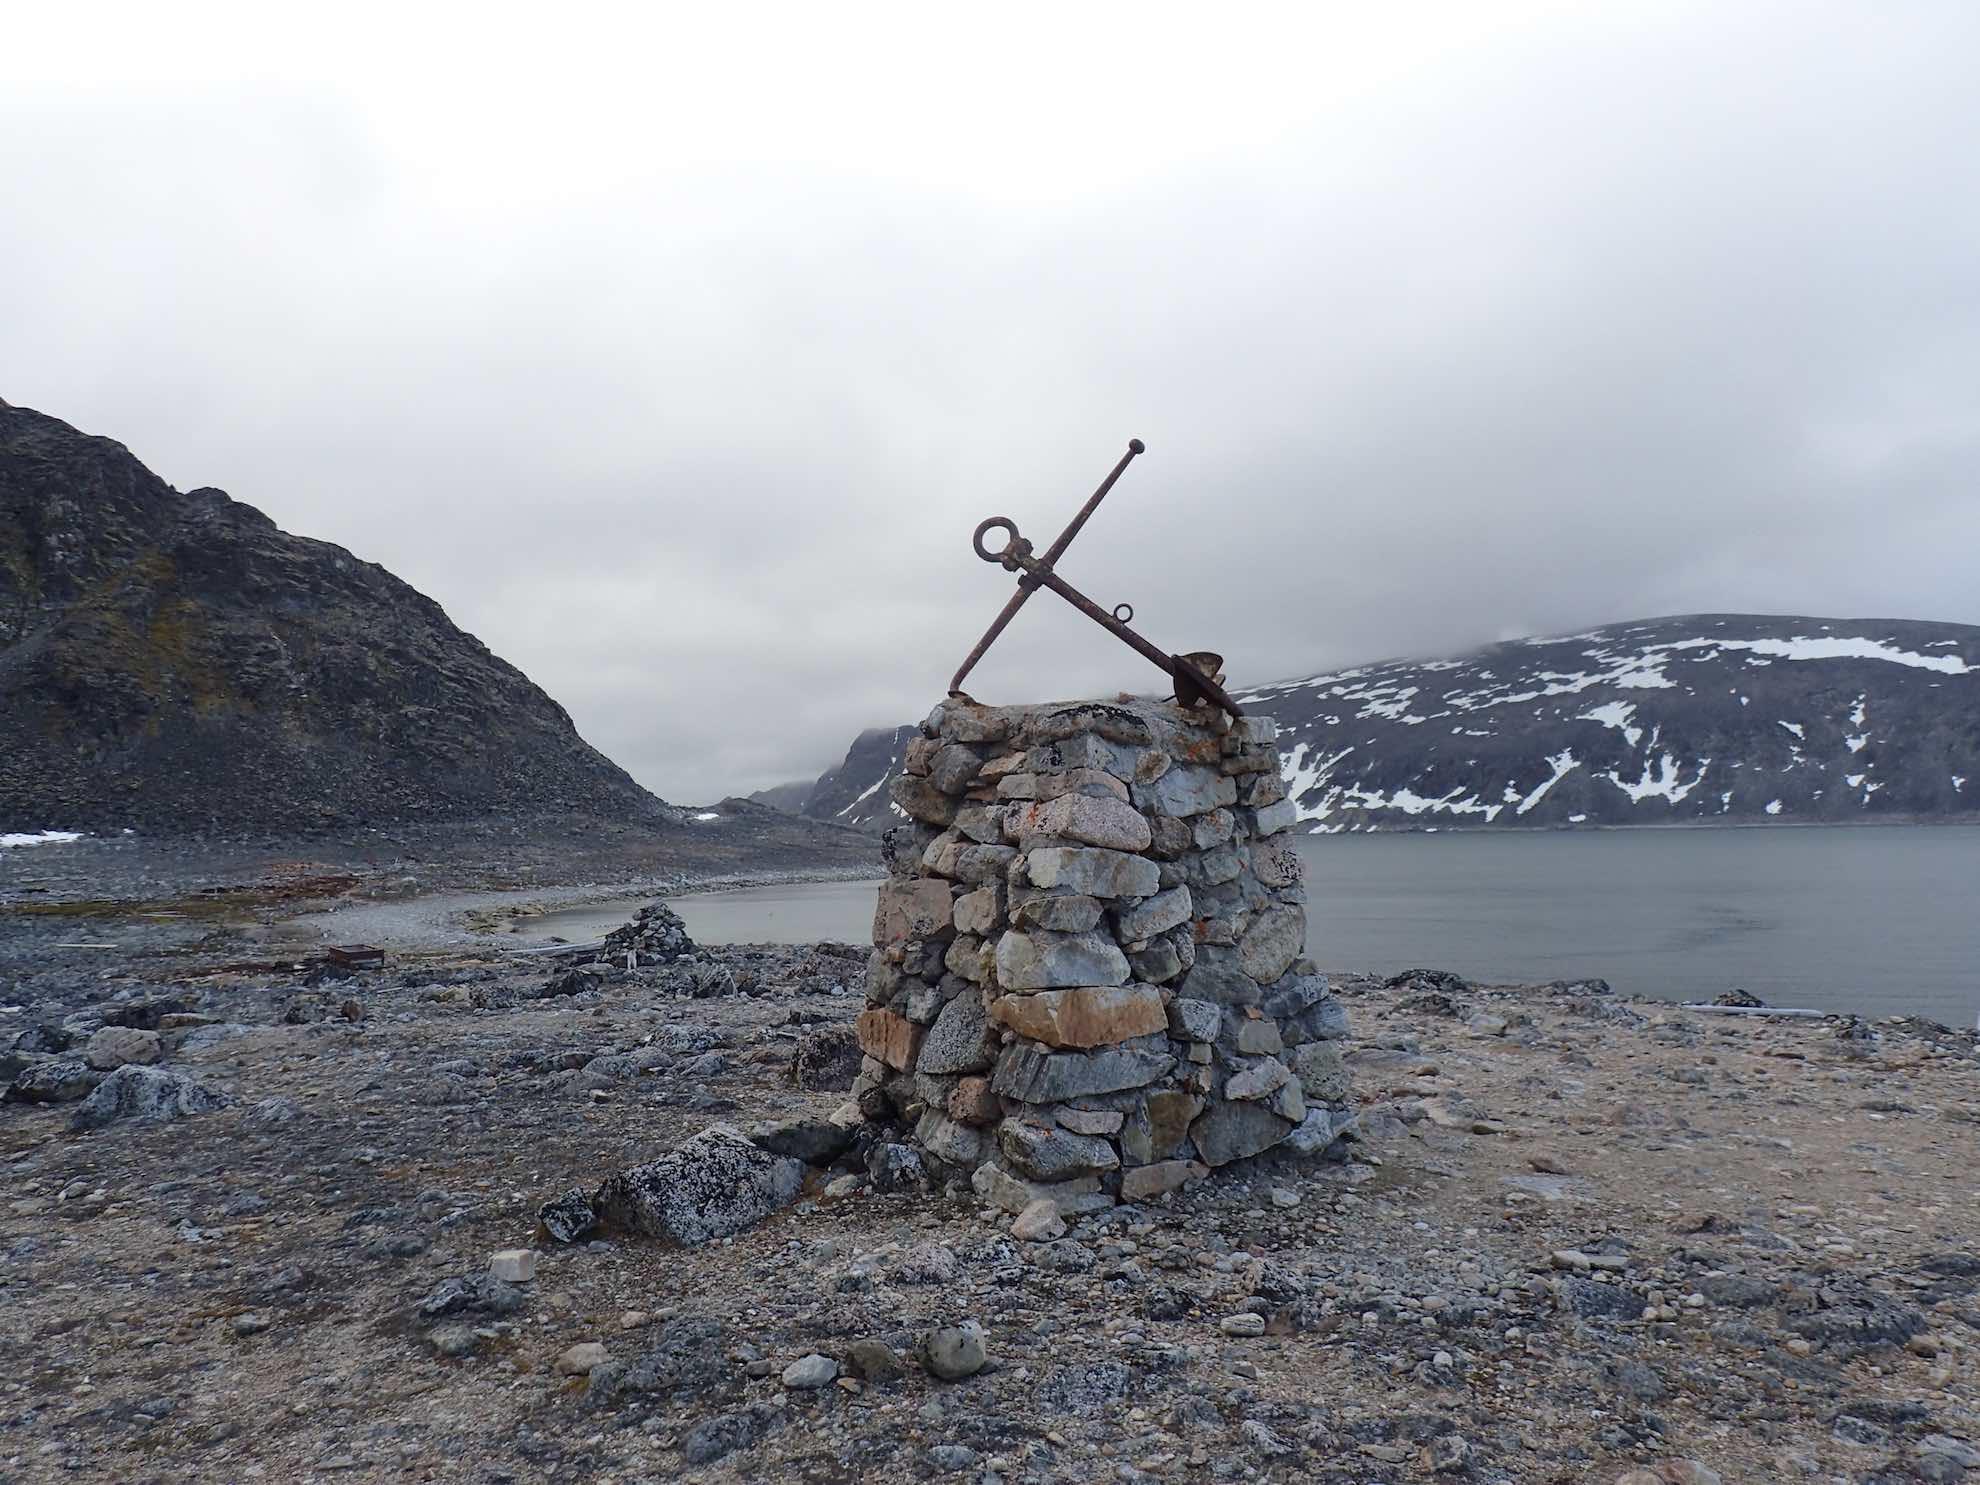 Virgohamna spielt eine spannende Rolle in der Geschichte Spitzbergens. Einige Überreste wie dieser Ofen zeugen noch davon.